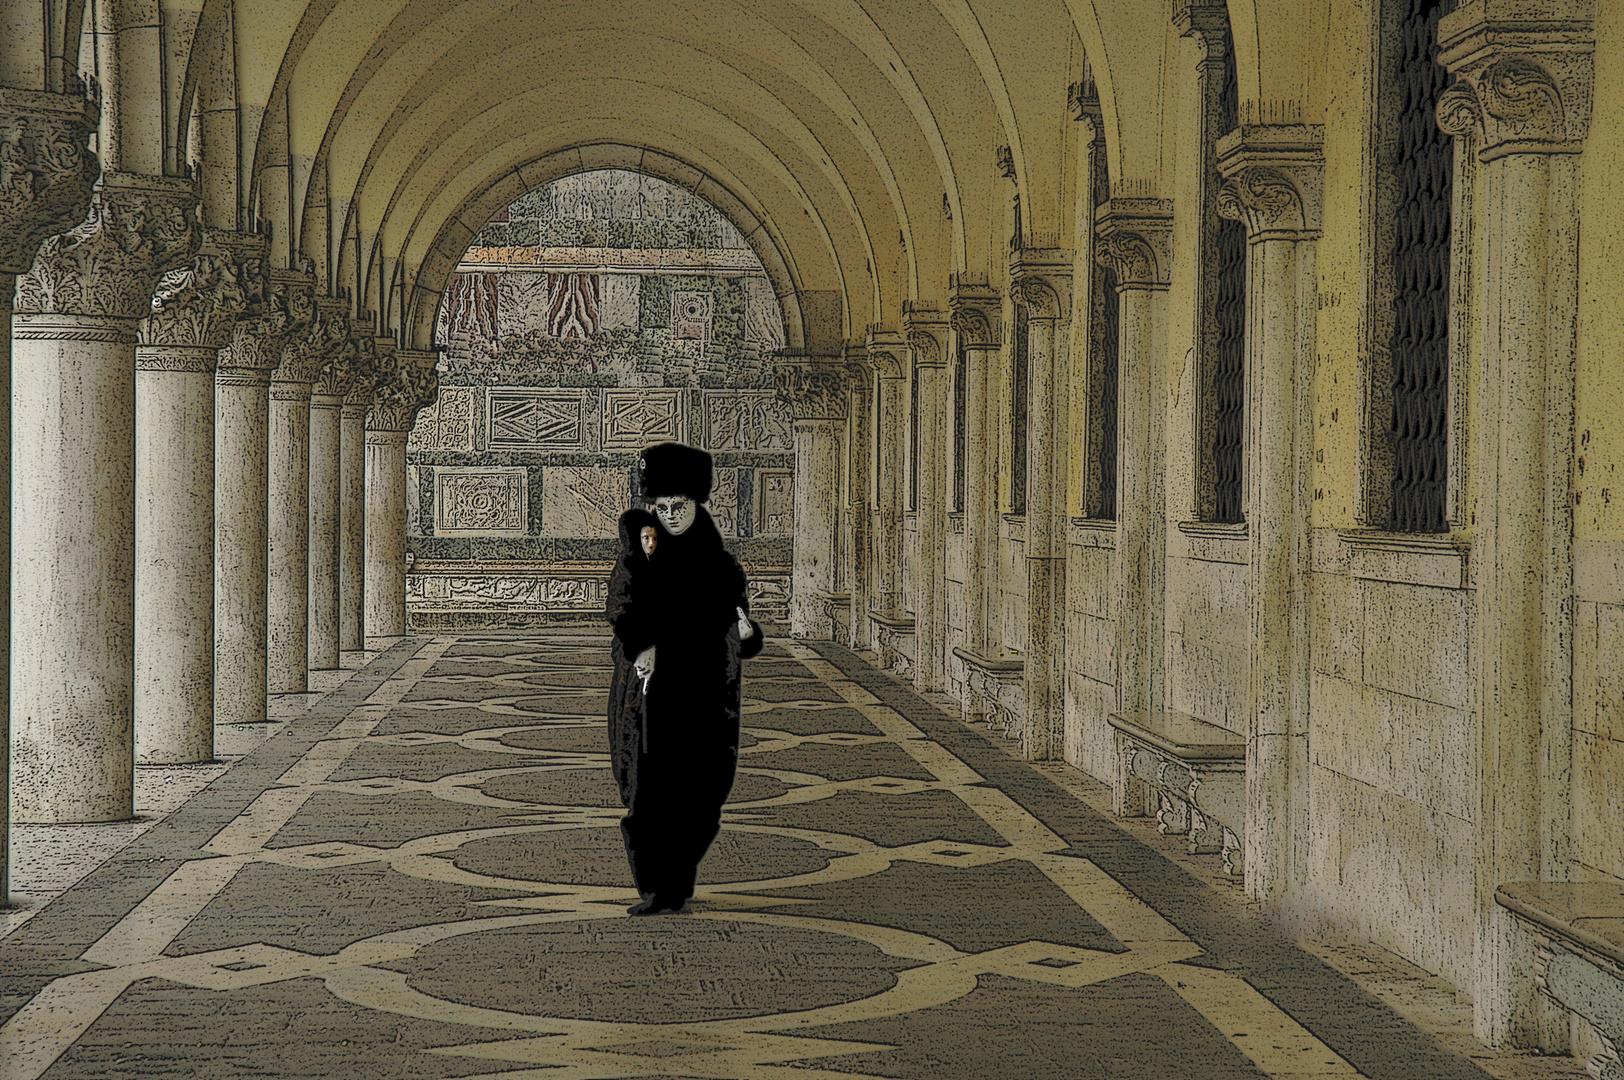 Maske im historischen Gewölbe